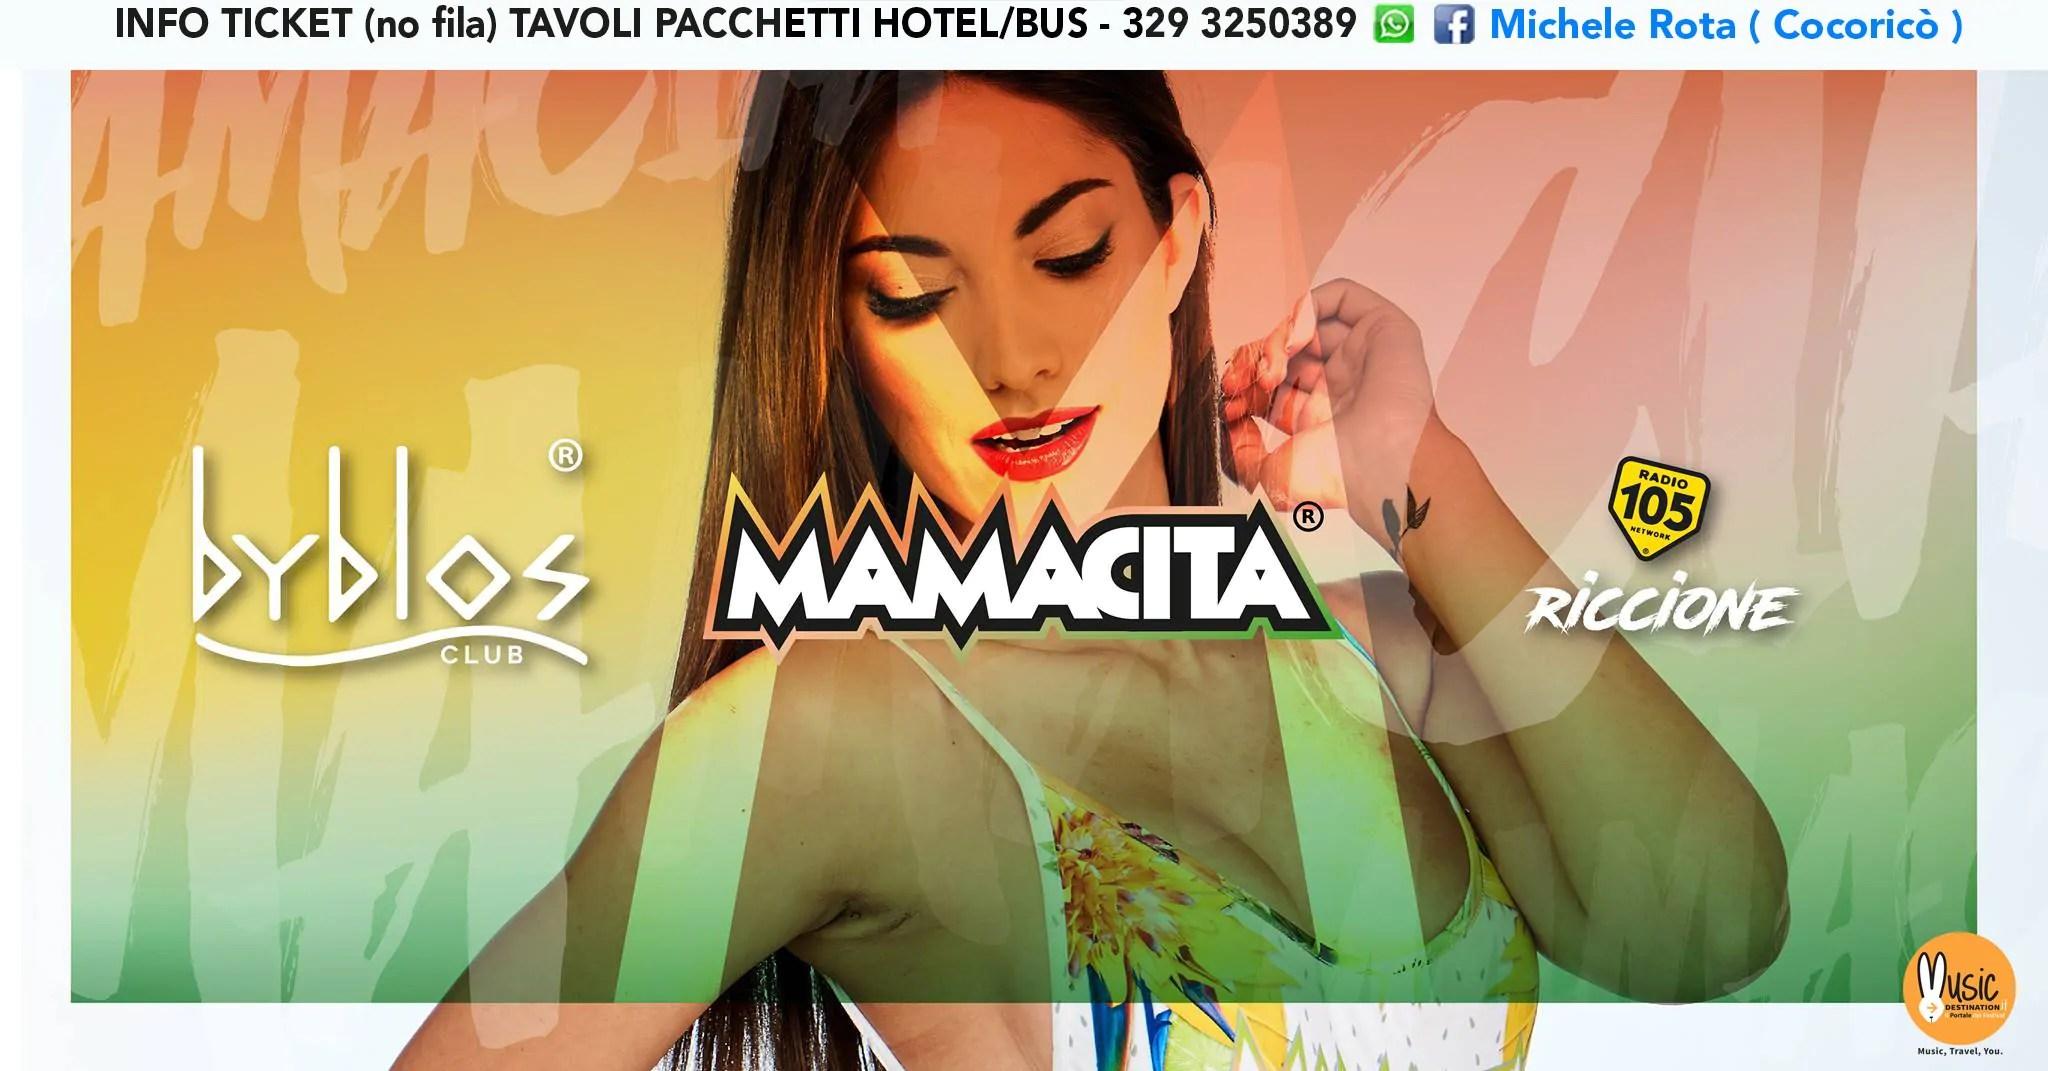 Mamacita at Byblos Riccione – Martedì 07 Agosto 2018 | Ticket Tavoli Pacchetti hotel Prevendite